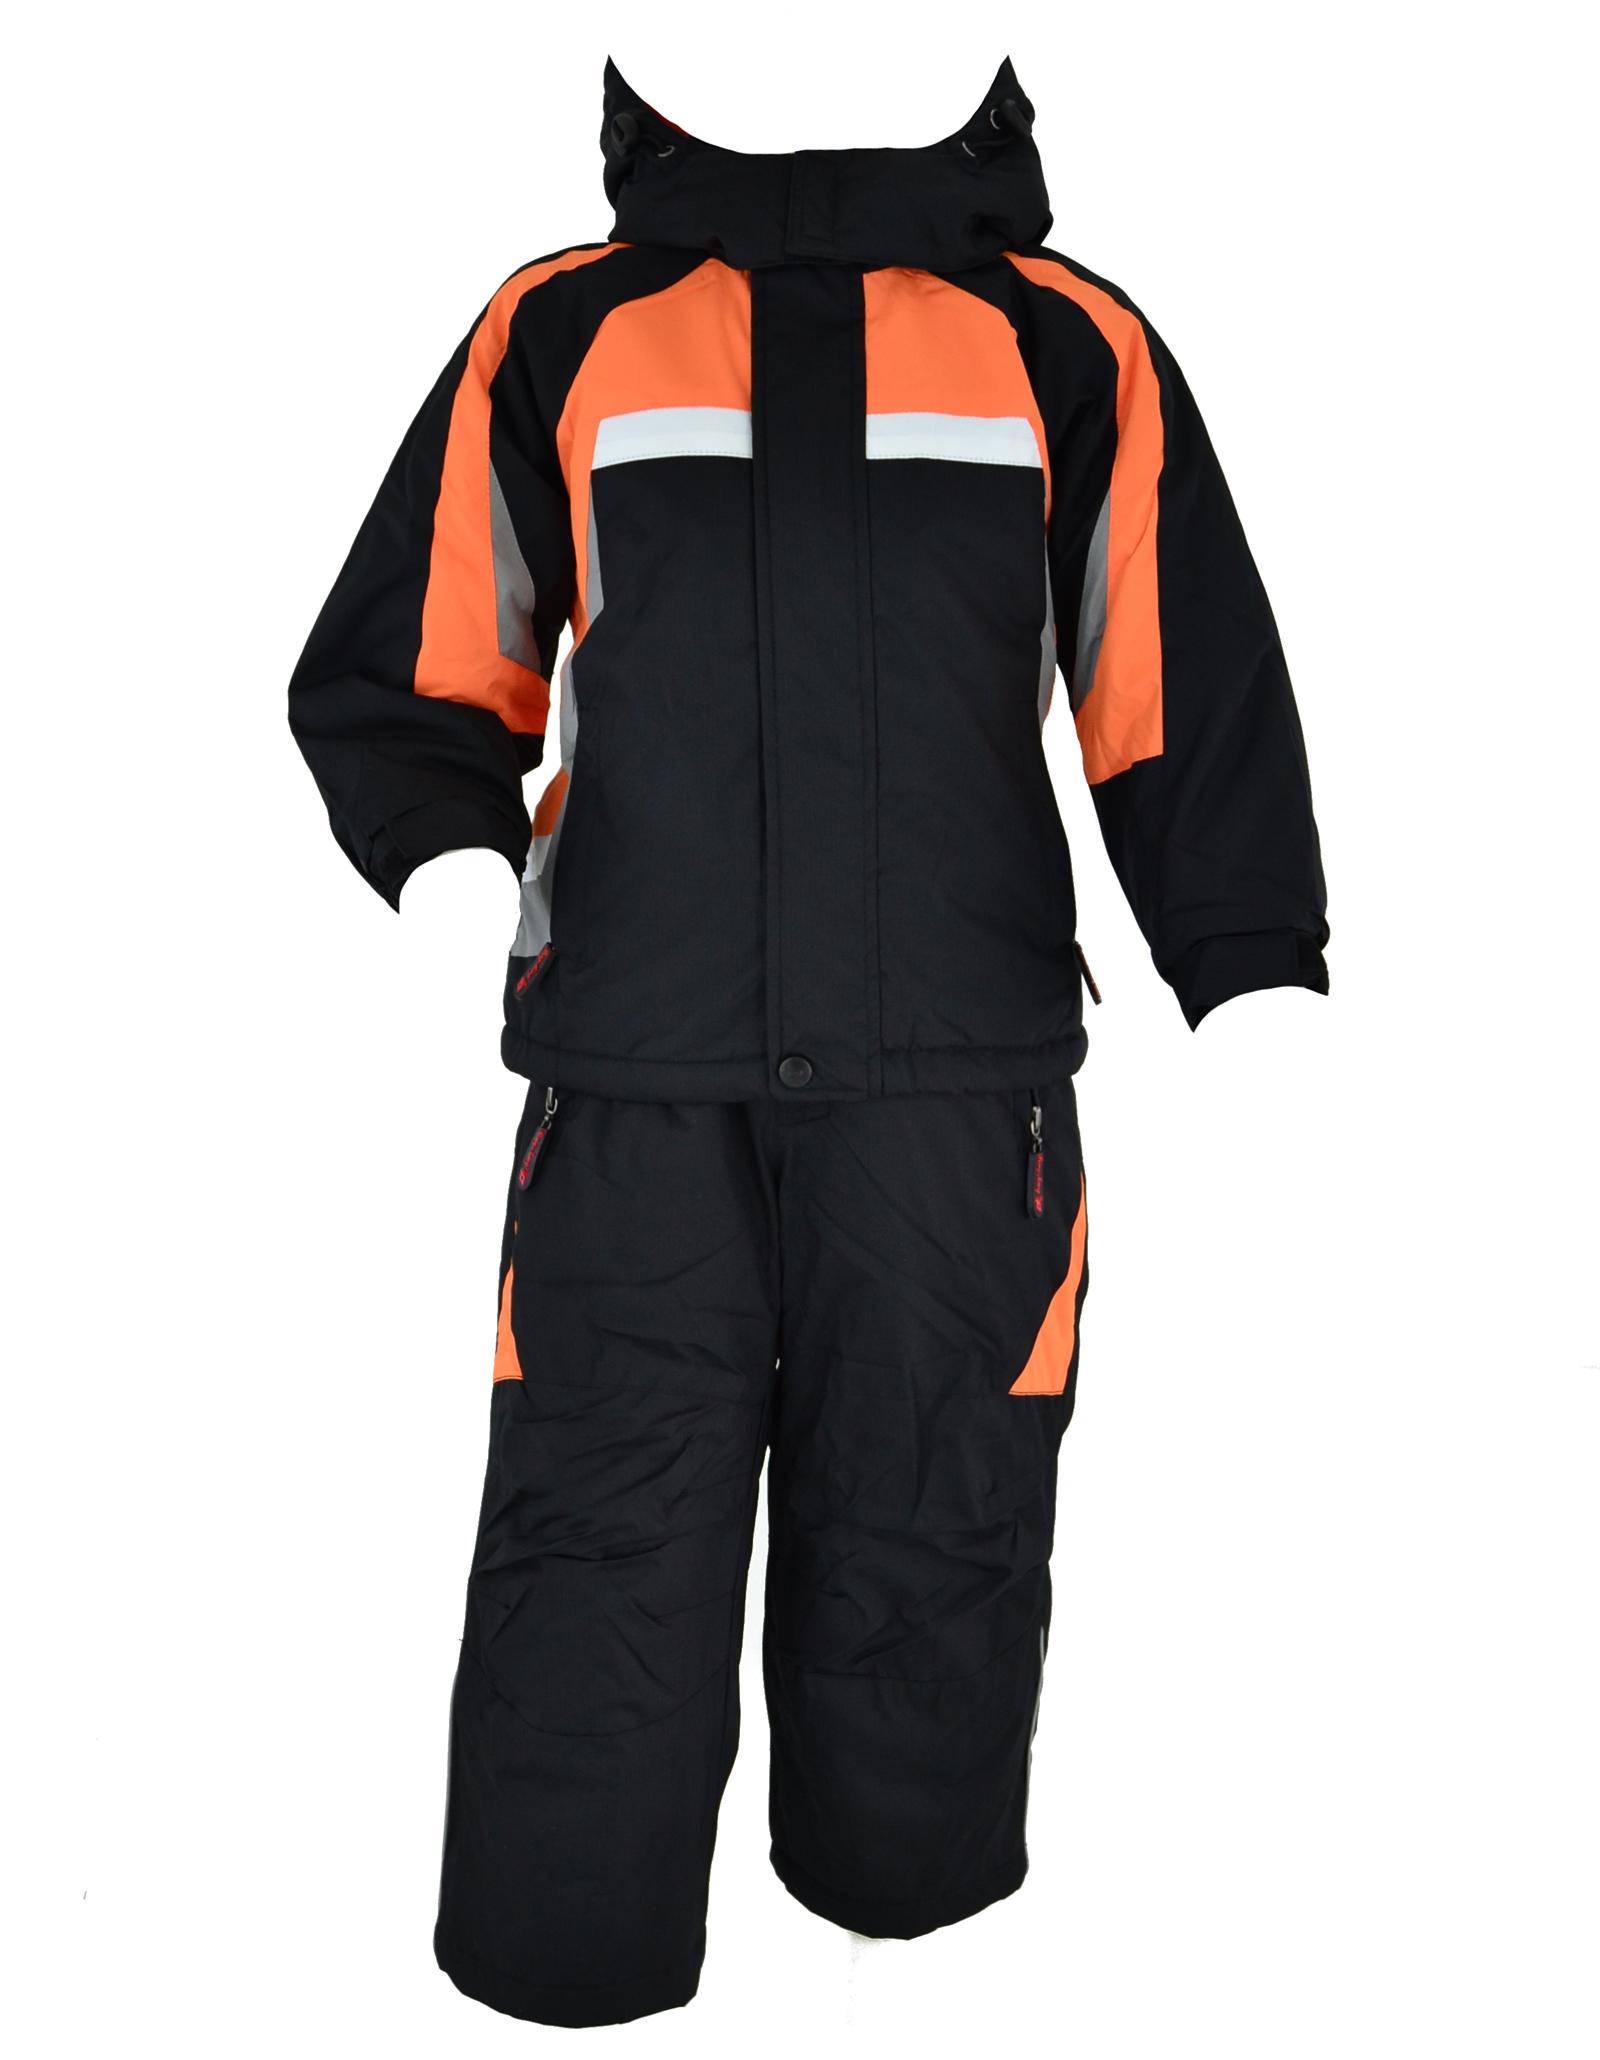 skianzug kinder m dchen jungen schneeanzug skijacke skihose winteranzug 98 164 ebay. Black Bedroom Furniture Sets. Home Design Ideas